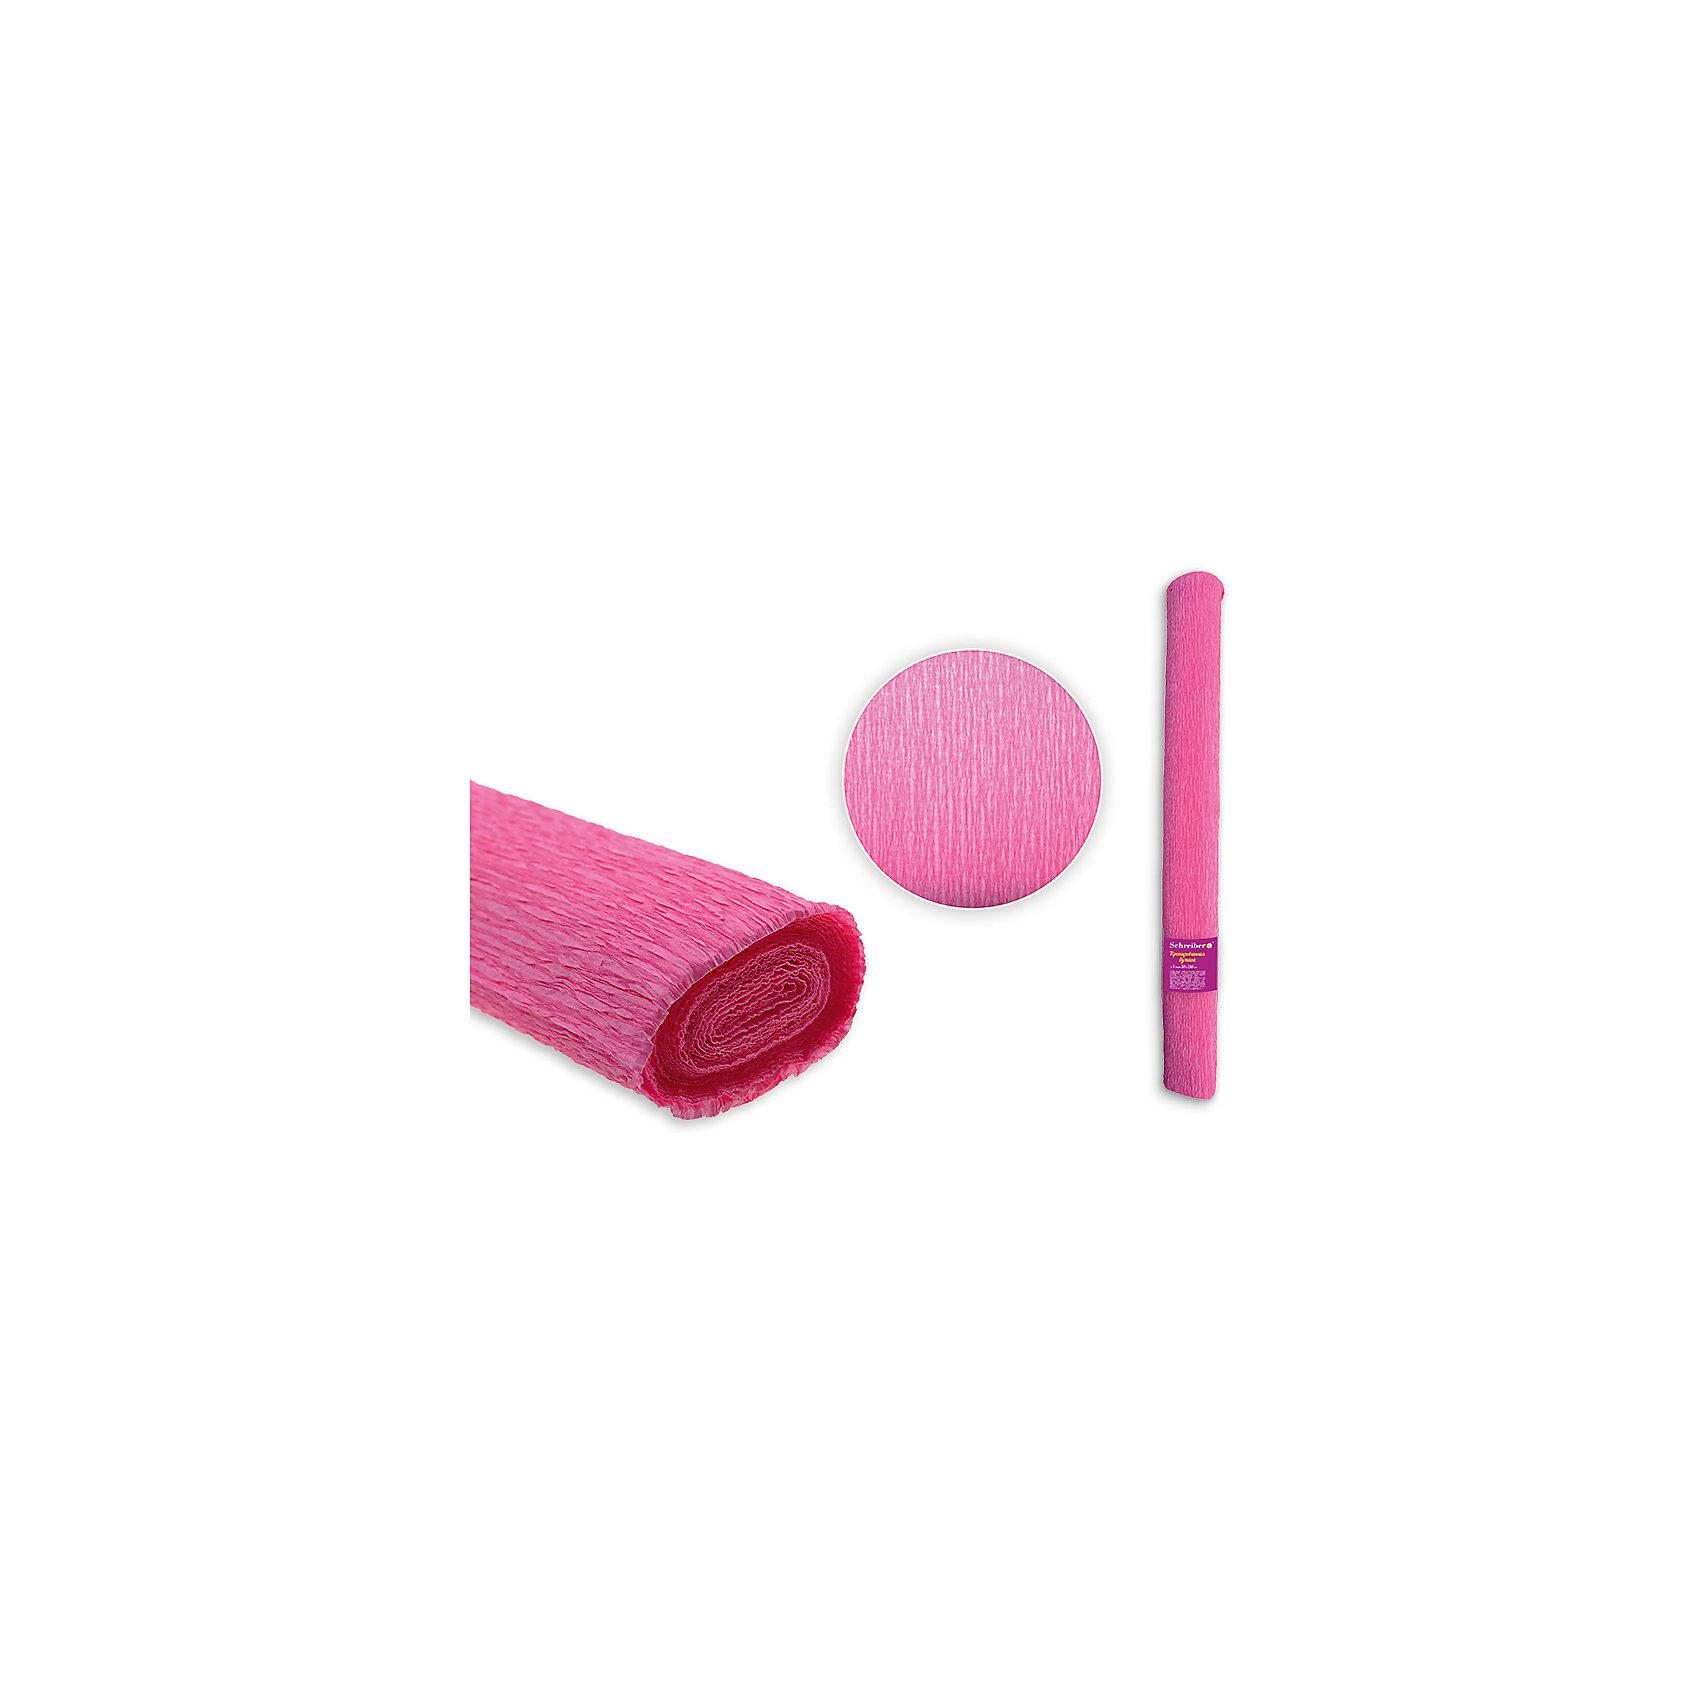 Цветная крепированная бумага 50х250 см, оттенок пурпурно-розовыйРукоделие<br>Цветная крепированная бумага 50х250 см, оттенок пурпурно-розовый.<br><br>Характеристики:<br><br>• Возраст: от 6 лет<br>• Размер: 50х250 см.<br>• Оттенок: пурпурно-розовый<br><br>Двухсторонняя крепированная бумага - идеальный вариант для воплощения любых творческих идей: начиная от создания поделок и заканчивая упаковкой подарков. Является великолепным инструментом для развития творческих навыков у детей.<br><br>Цветную крепированную бумагу 50х250 см, оттенок пурпурно-розовый можно купить в нашем интернет-магазине.<br><br>Ширина мм: 500<br>Глубина мм: 40<br>Высота мм: 75<br>Вес г: 120<br>Возраст от месяцев: 72<br>Возраст до месяцев: 2147483647<br>Пол: Унисекс<br>Возраст: Детский<br>SKU: 5504482